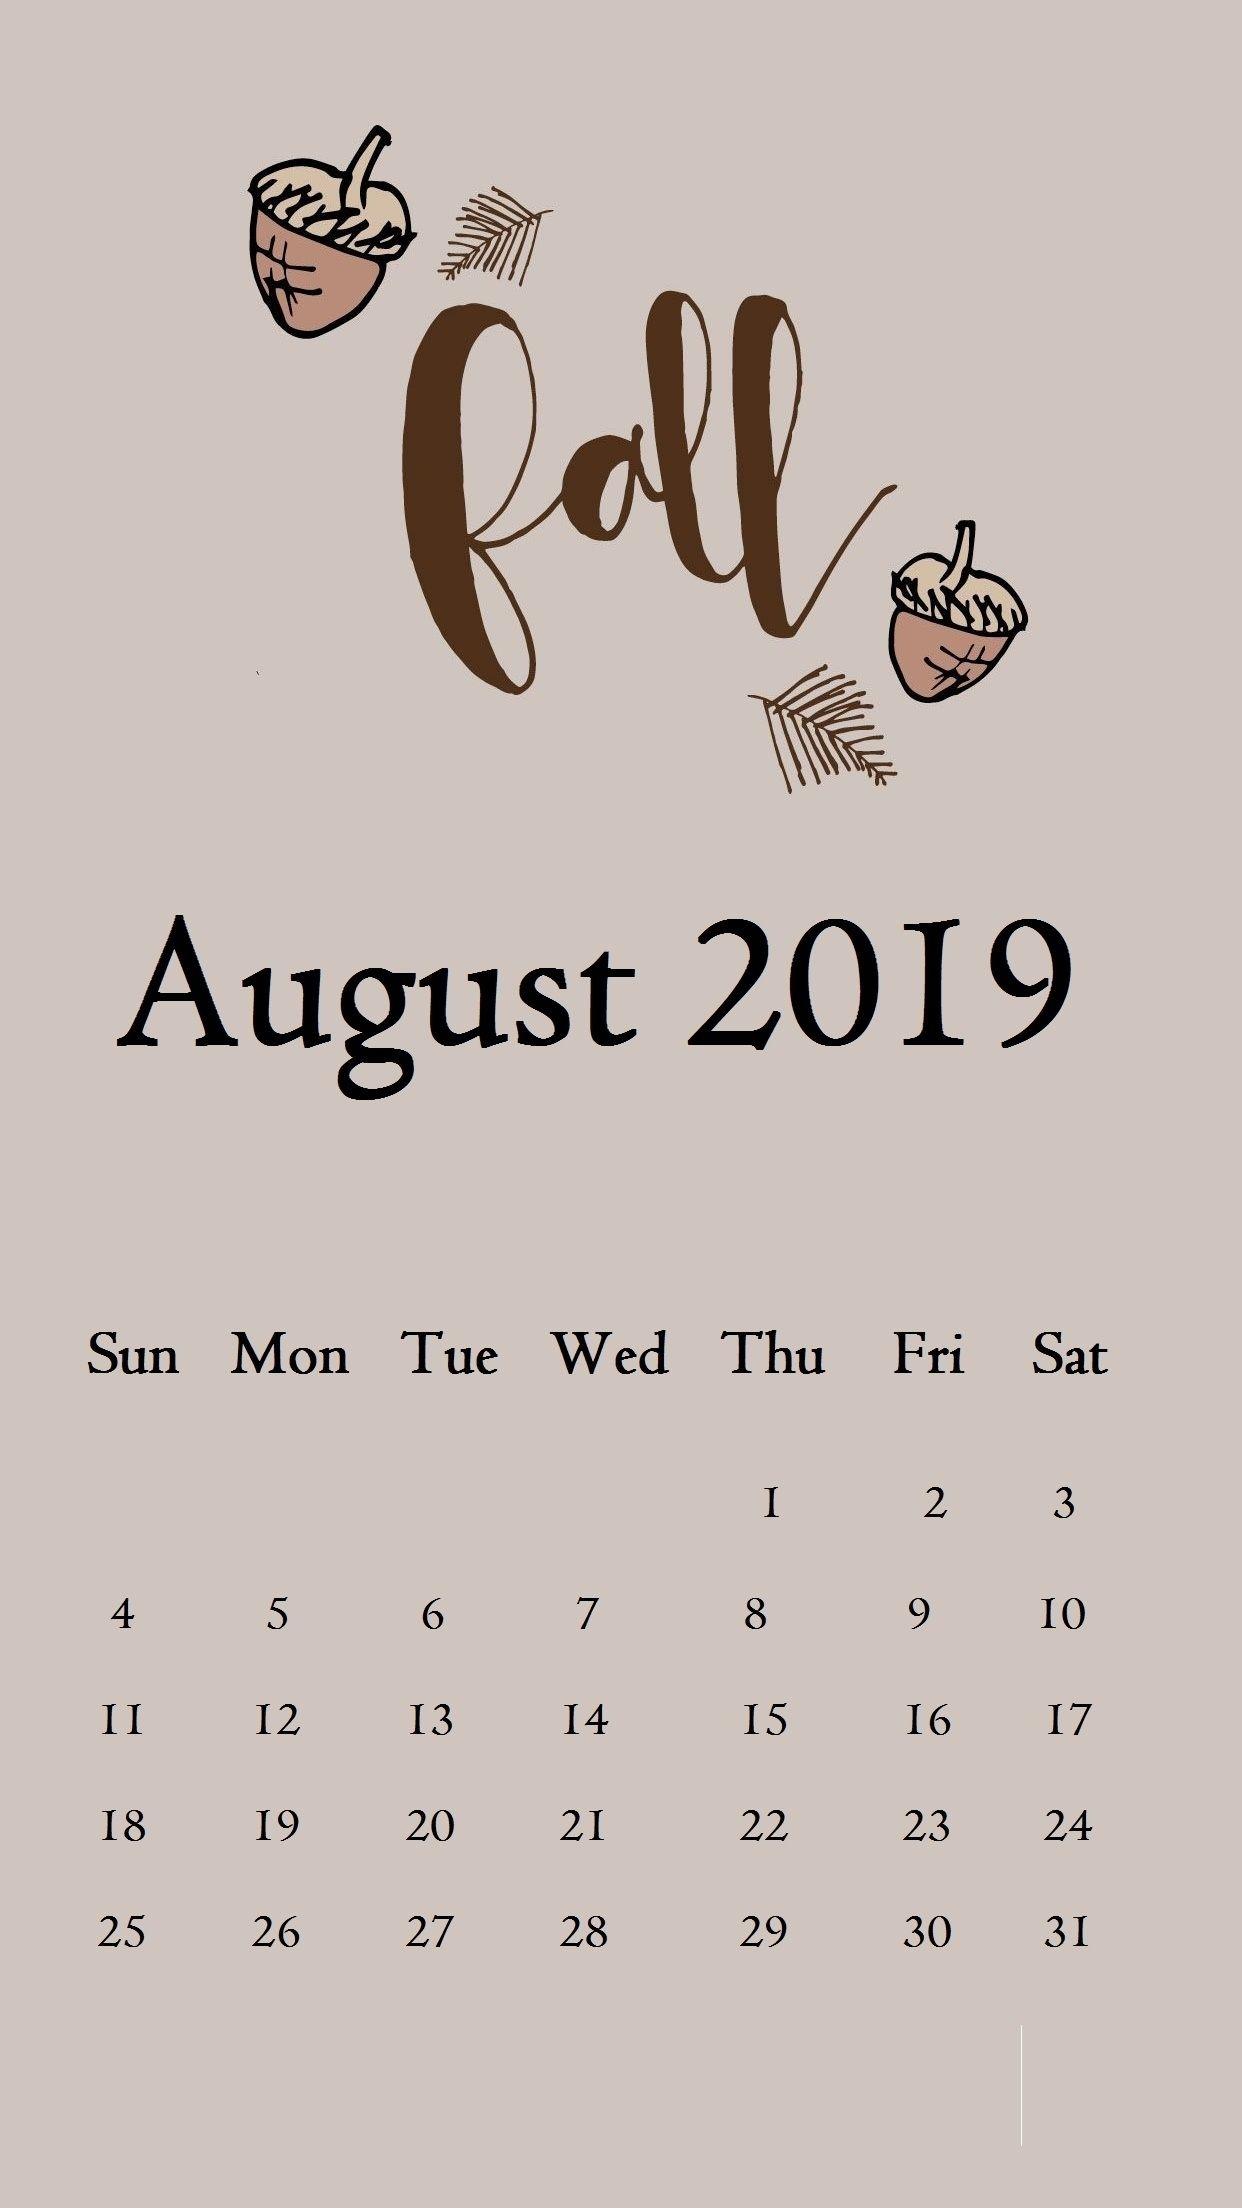 August 2019 Iphone Calendar Wallpaper Calendar 2019August